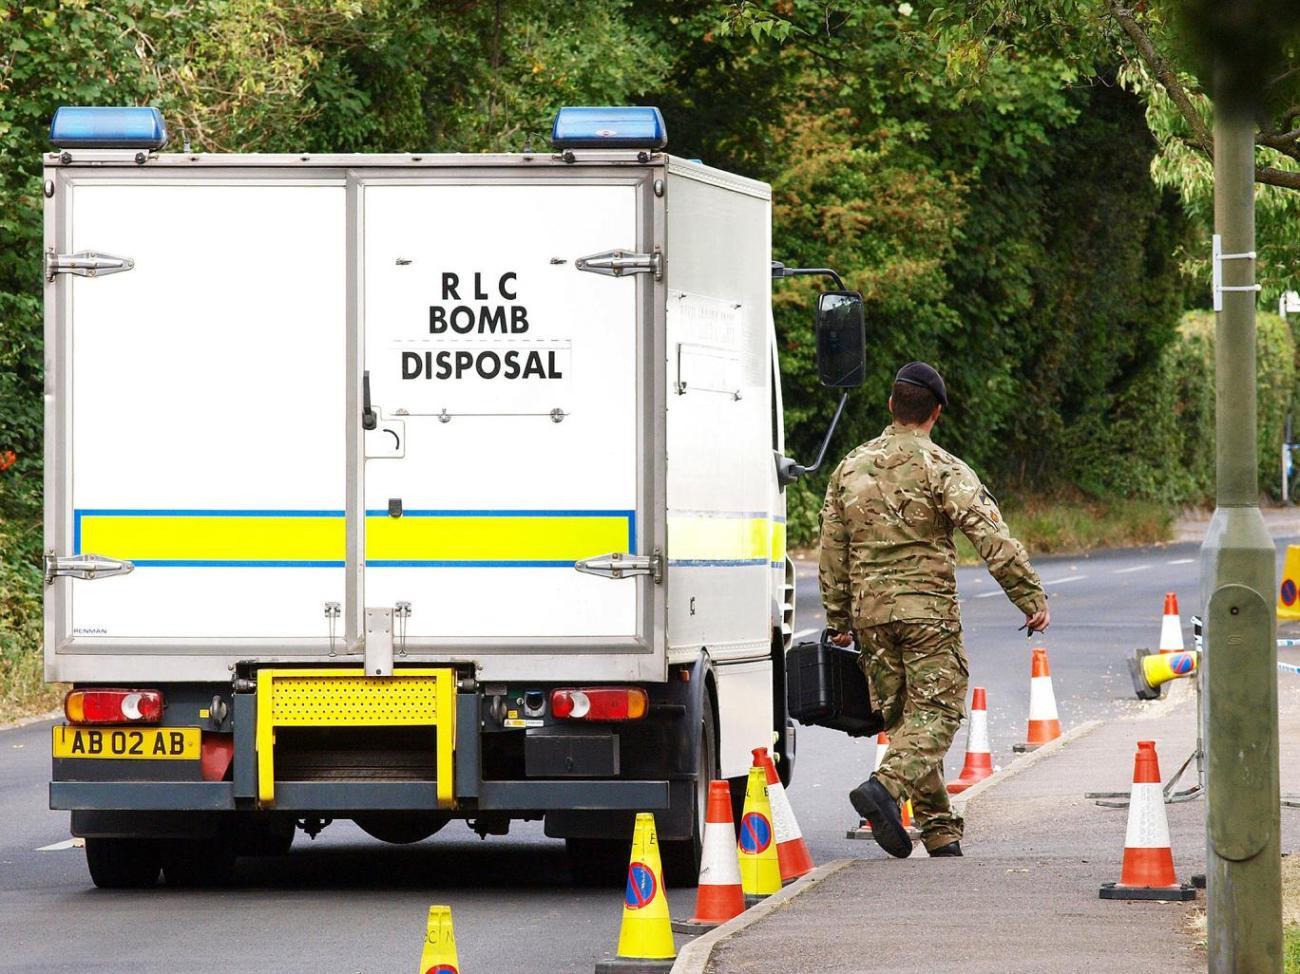 Imagen 1. La policía no encontró ningún explosivo. Imagen, AFP-Getty Images